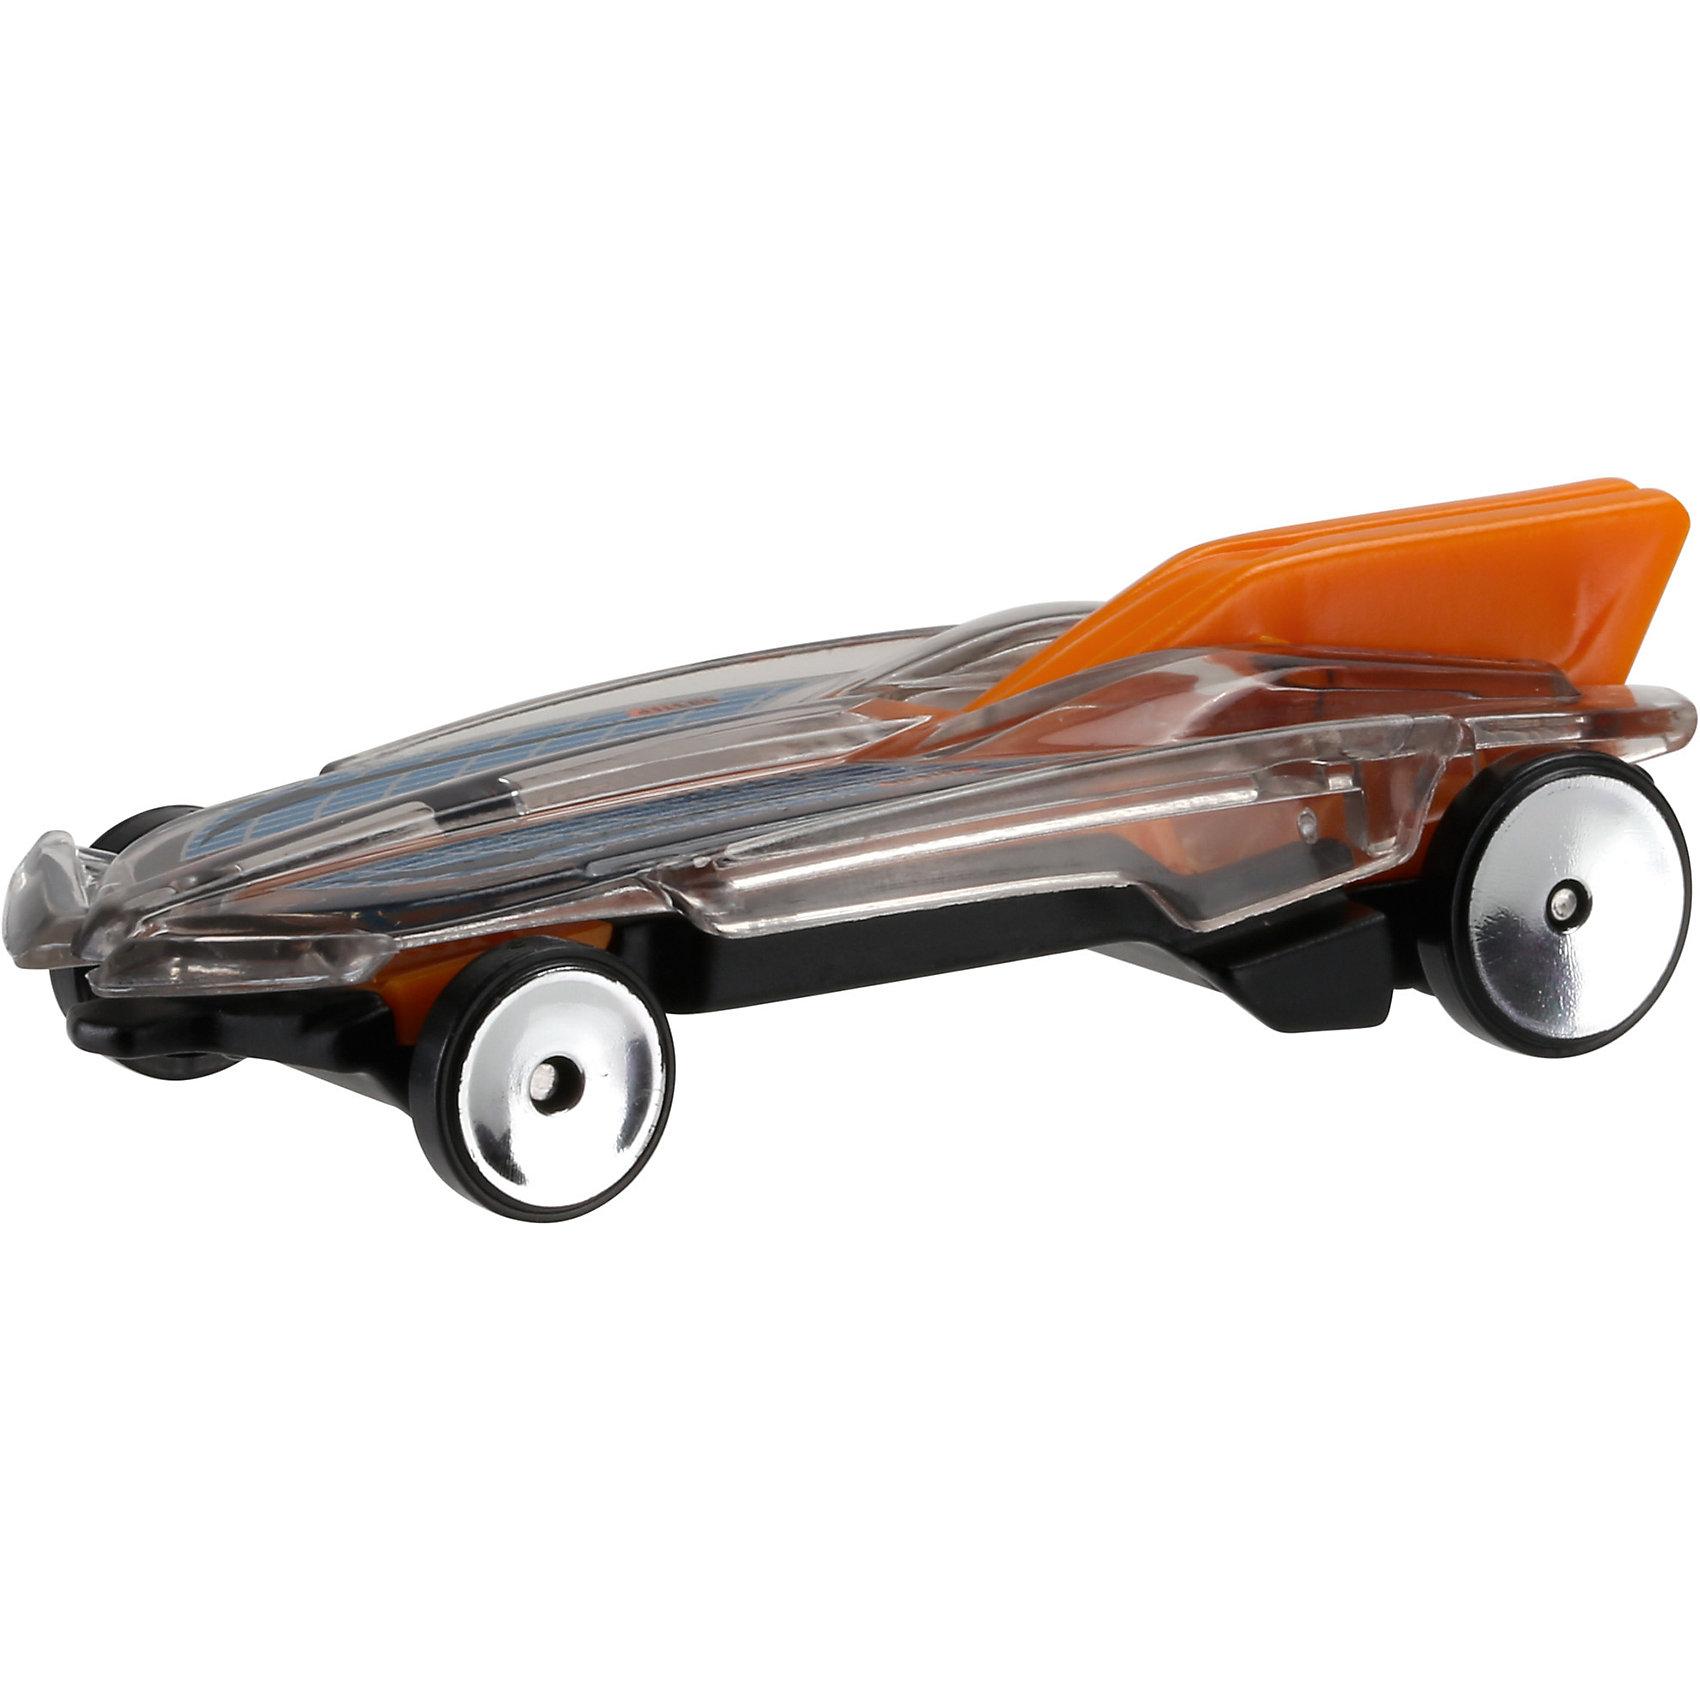 Машинка Hot Wheels из базовой коллекцииМашинка Hot Wheels из базовой коллекции – высококачественная масштабная модель машины, имеющая неординарный, радикальный дизайн. <br><br>В упаковке 1 машинка,  машинки тематически обусловлены от фантазийных, спасательных до экстремальных и просто скоростных машин. <br><br>Соберите свою коллекцию машинок Hot Wheels!<br><br>Дополнительная информация: <br><br>Машинка стандартного размера Hot Wheels<br>Размер упаковки: 11 х 10,5 х 3,5 см<br><br>Ширина мм: 110<br>Глубина мм: 45<br>Высота мм: 110<br>Вес г: 30<br>Возраст от месяцев: 36<br>Возраст до месяцев: 96<br>Пол: Мужской<br>Возраст: Детский<br>SKU: 4888911